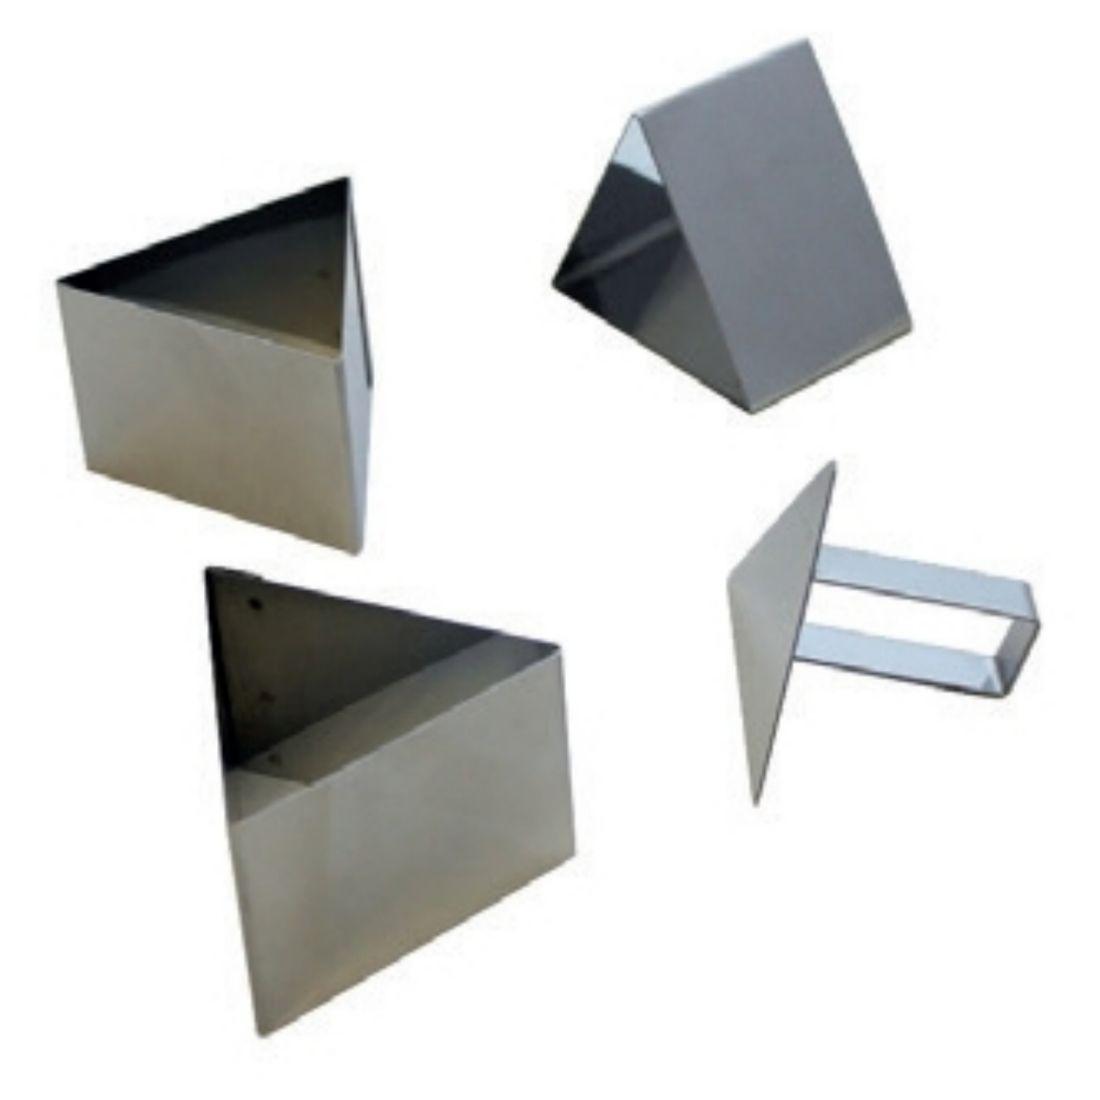 Formy trojúhelníkové + tlačítko š. 5,5 cm